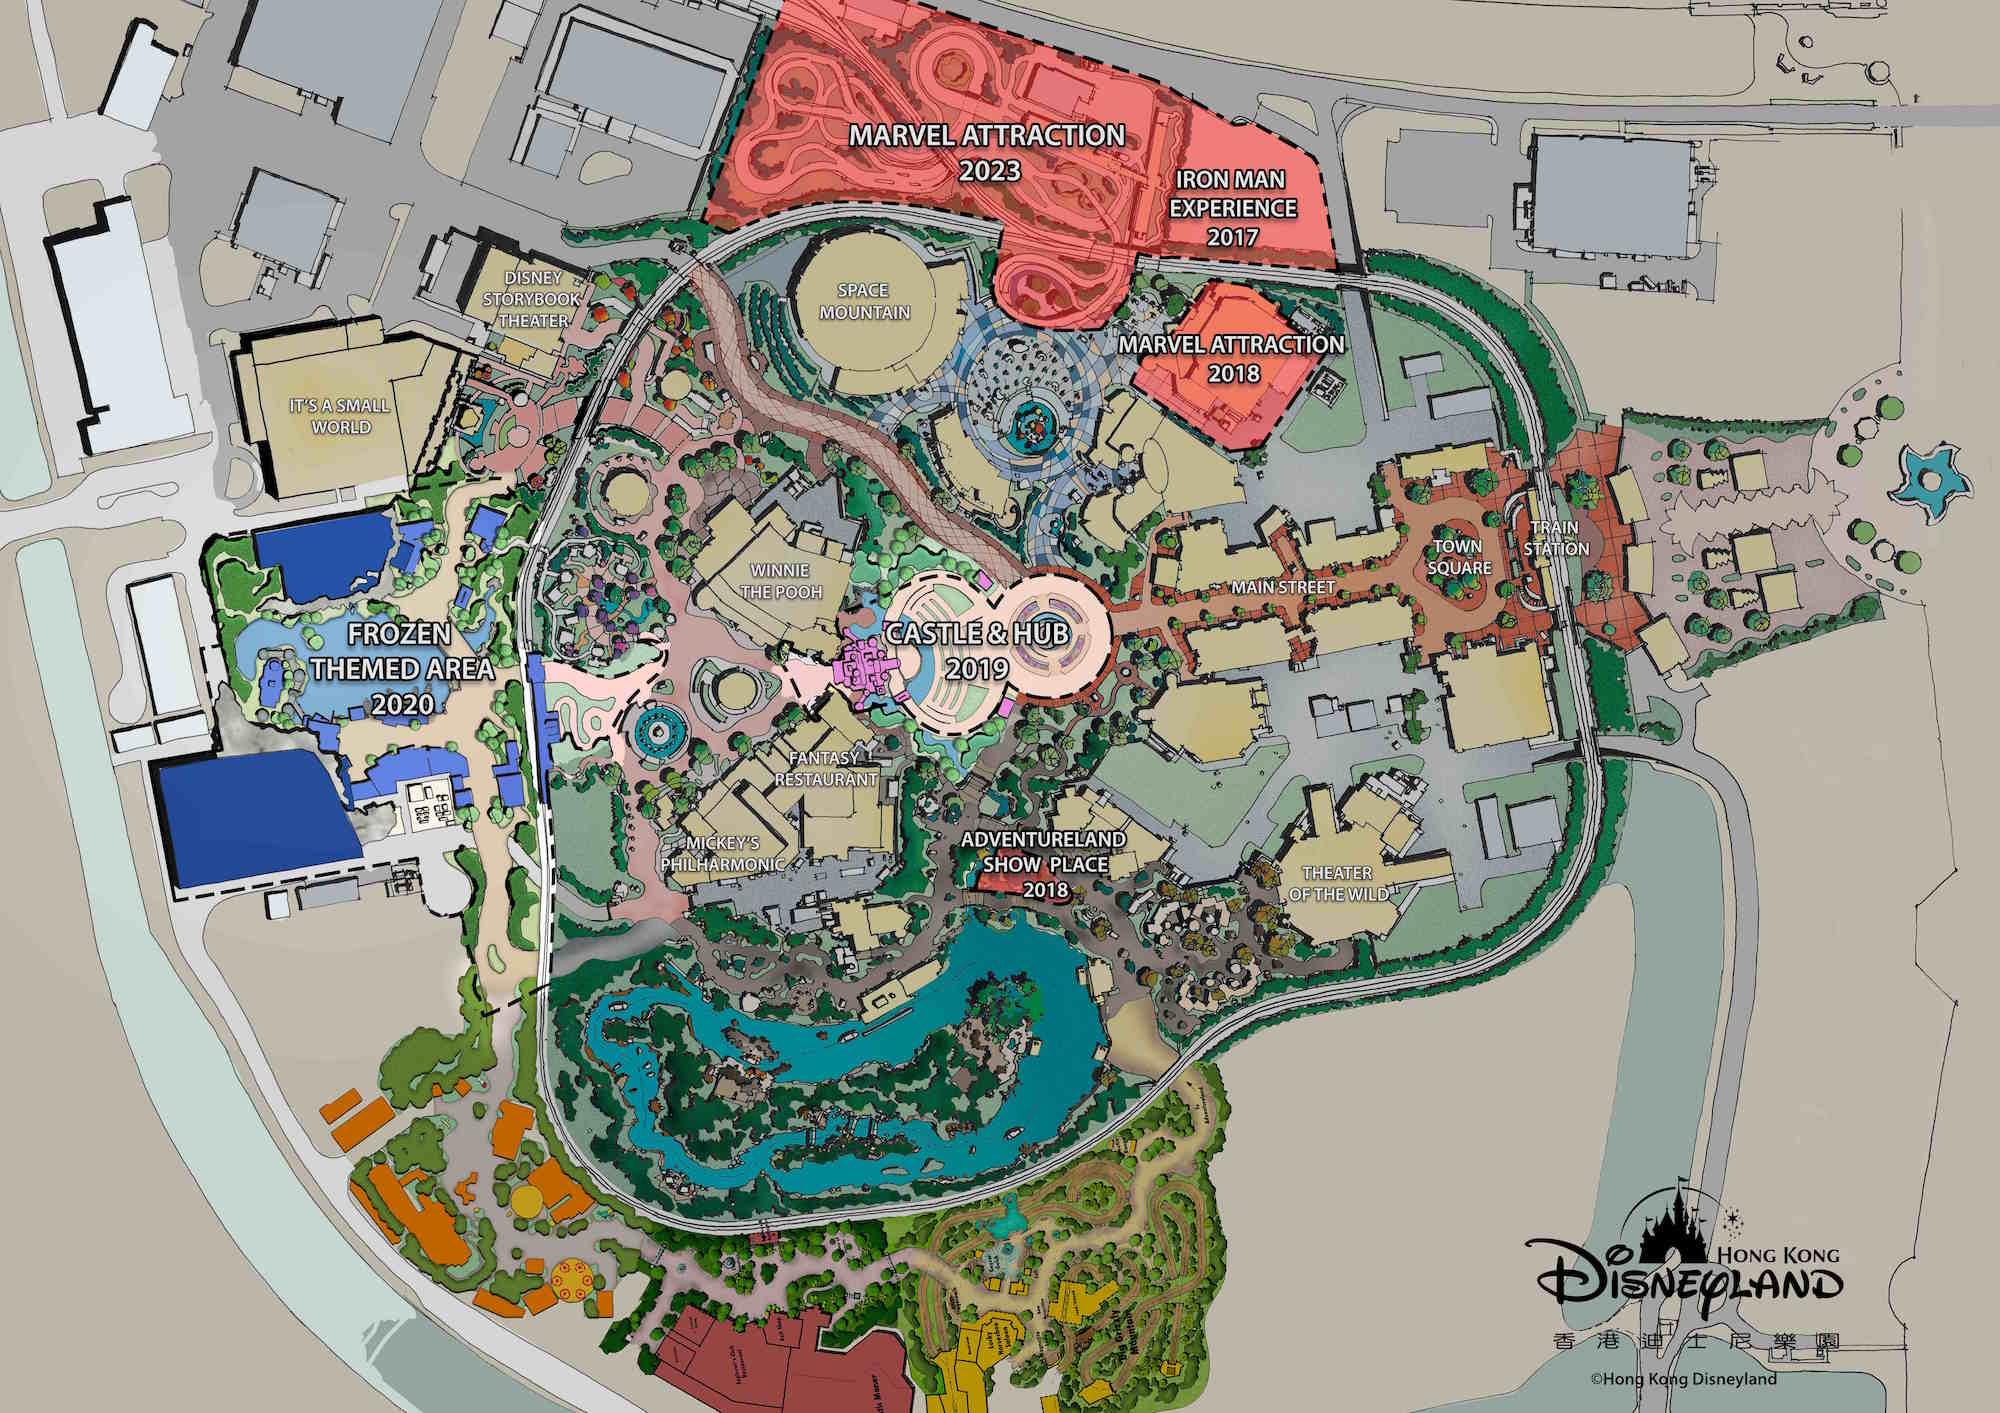 Disneyland Anaheim Map on